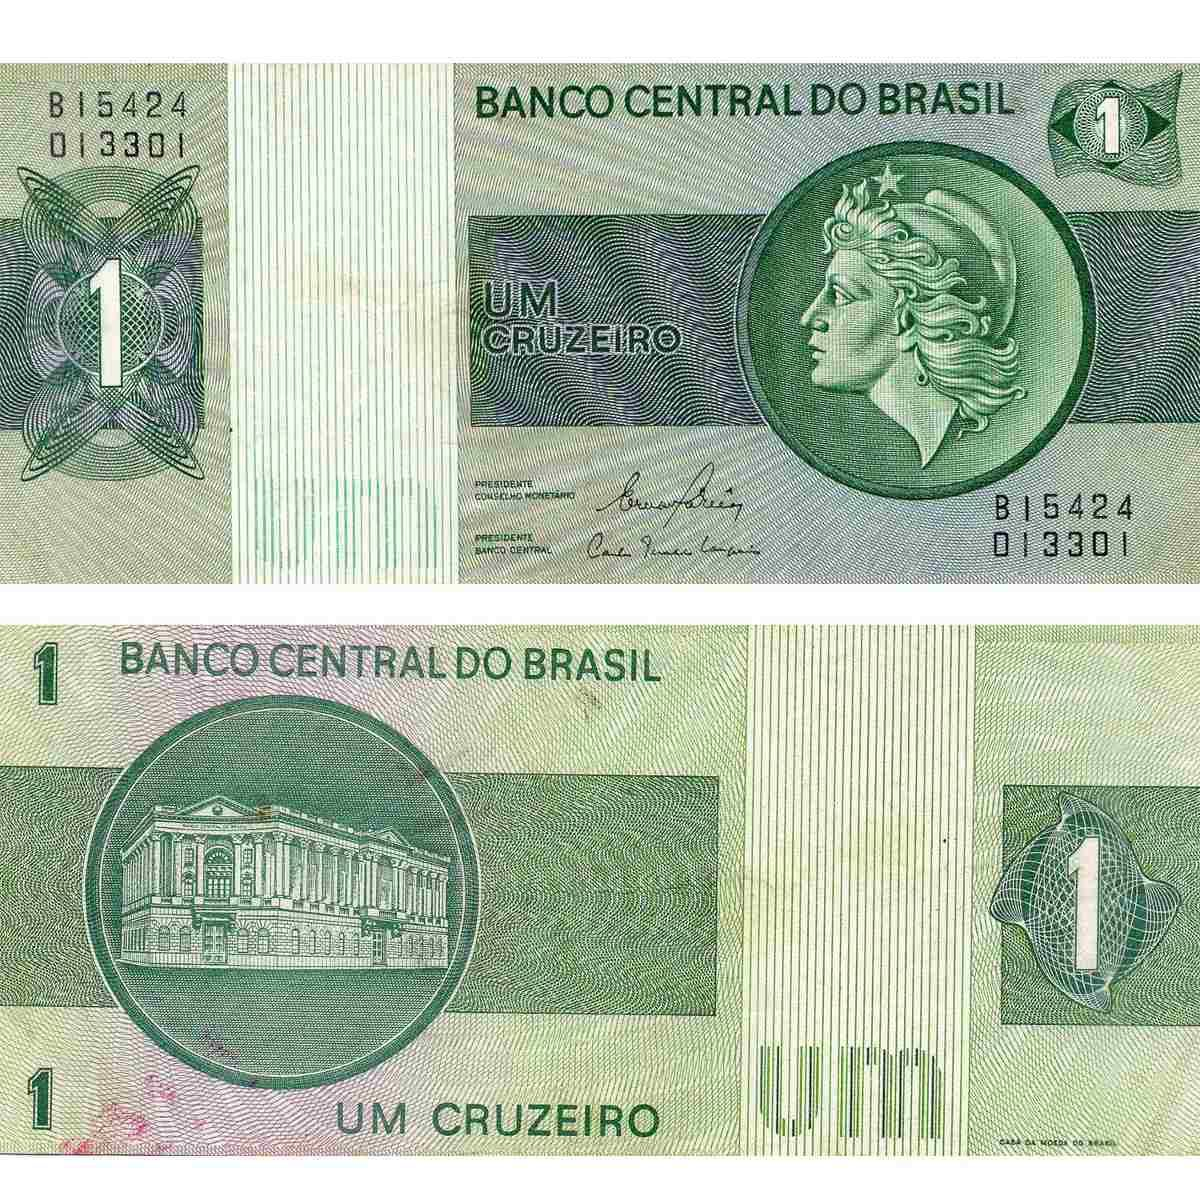 Cedula Nota 1 Um Cruzeiro Frete R500 816101 Mlb20278084542 042015